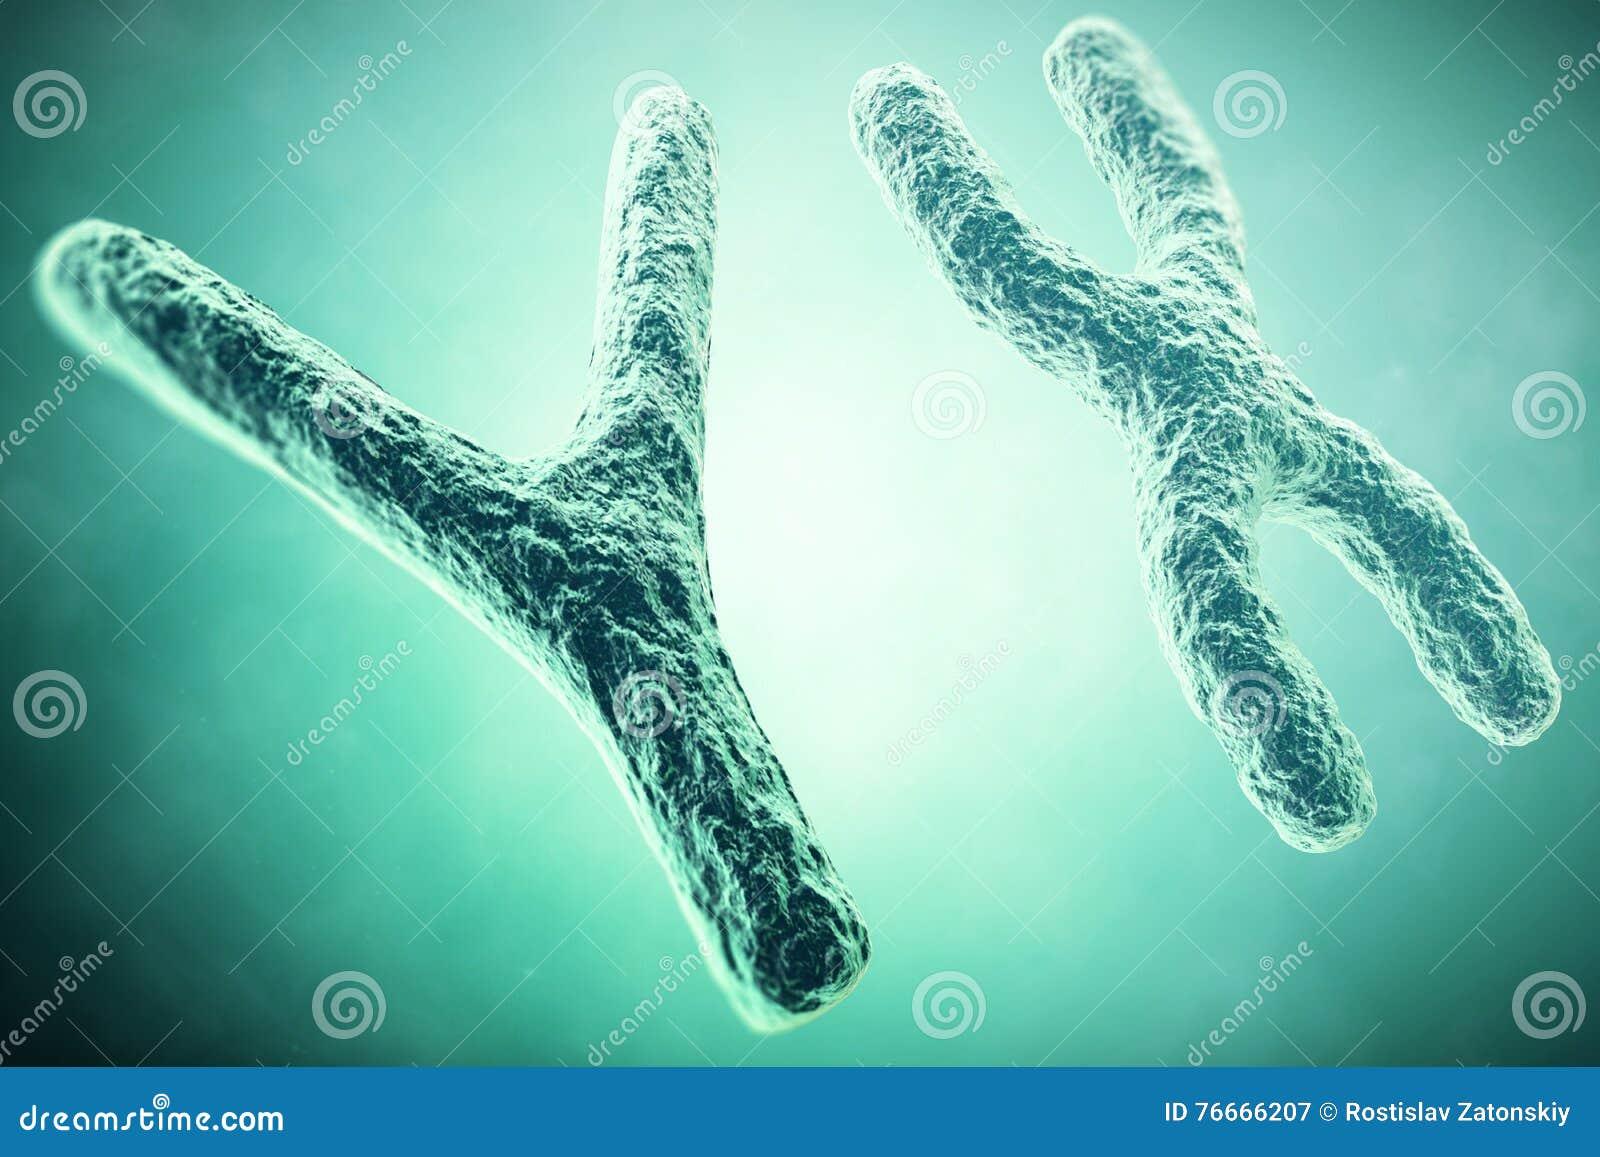 Cromosoma di YX nella priorità alta, un concetto scientifico illustrazione 3D